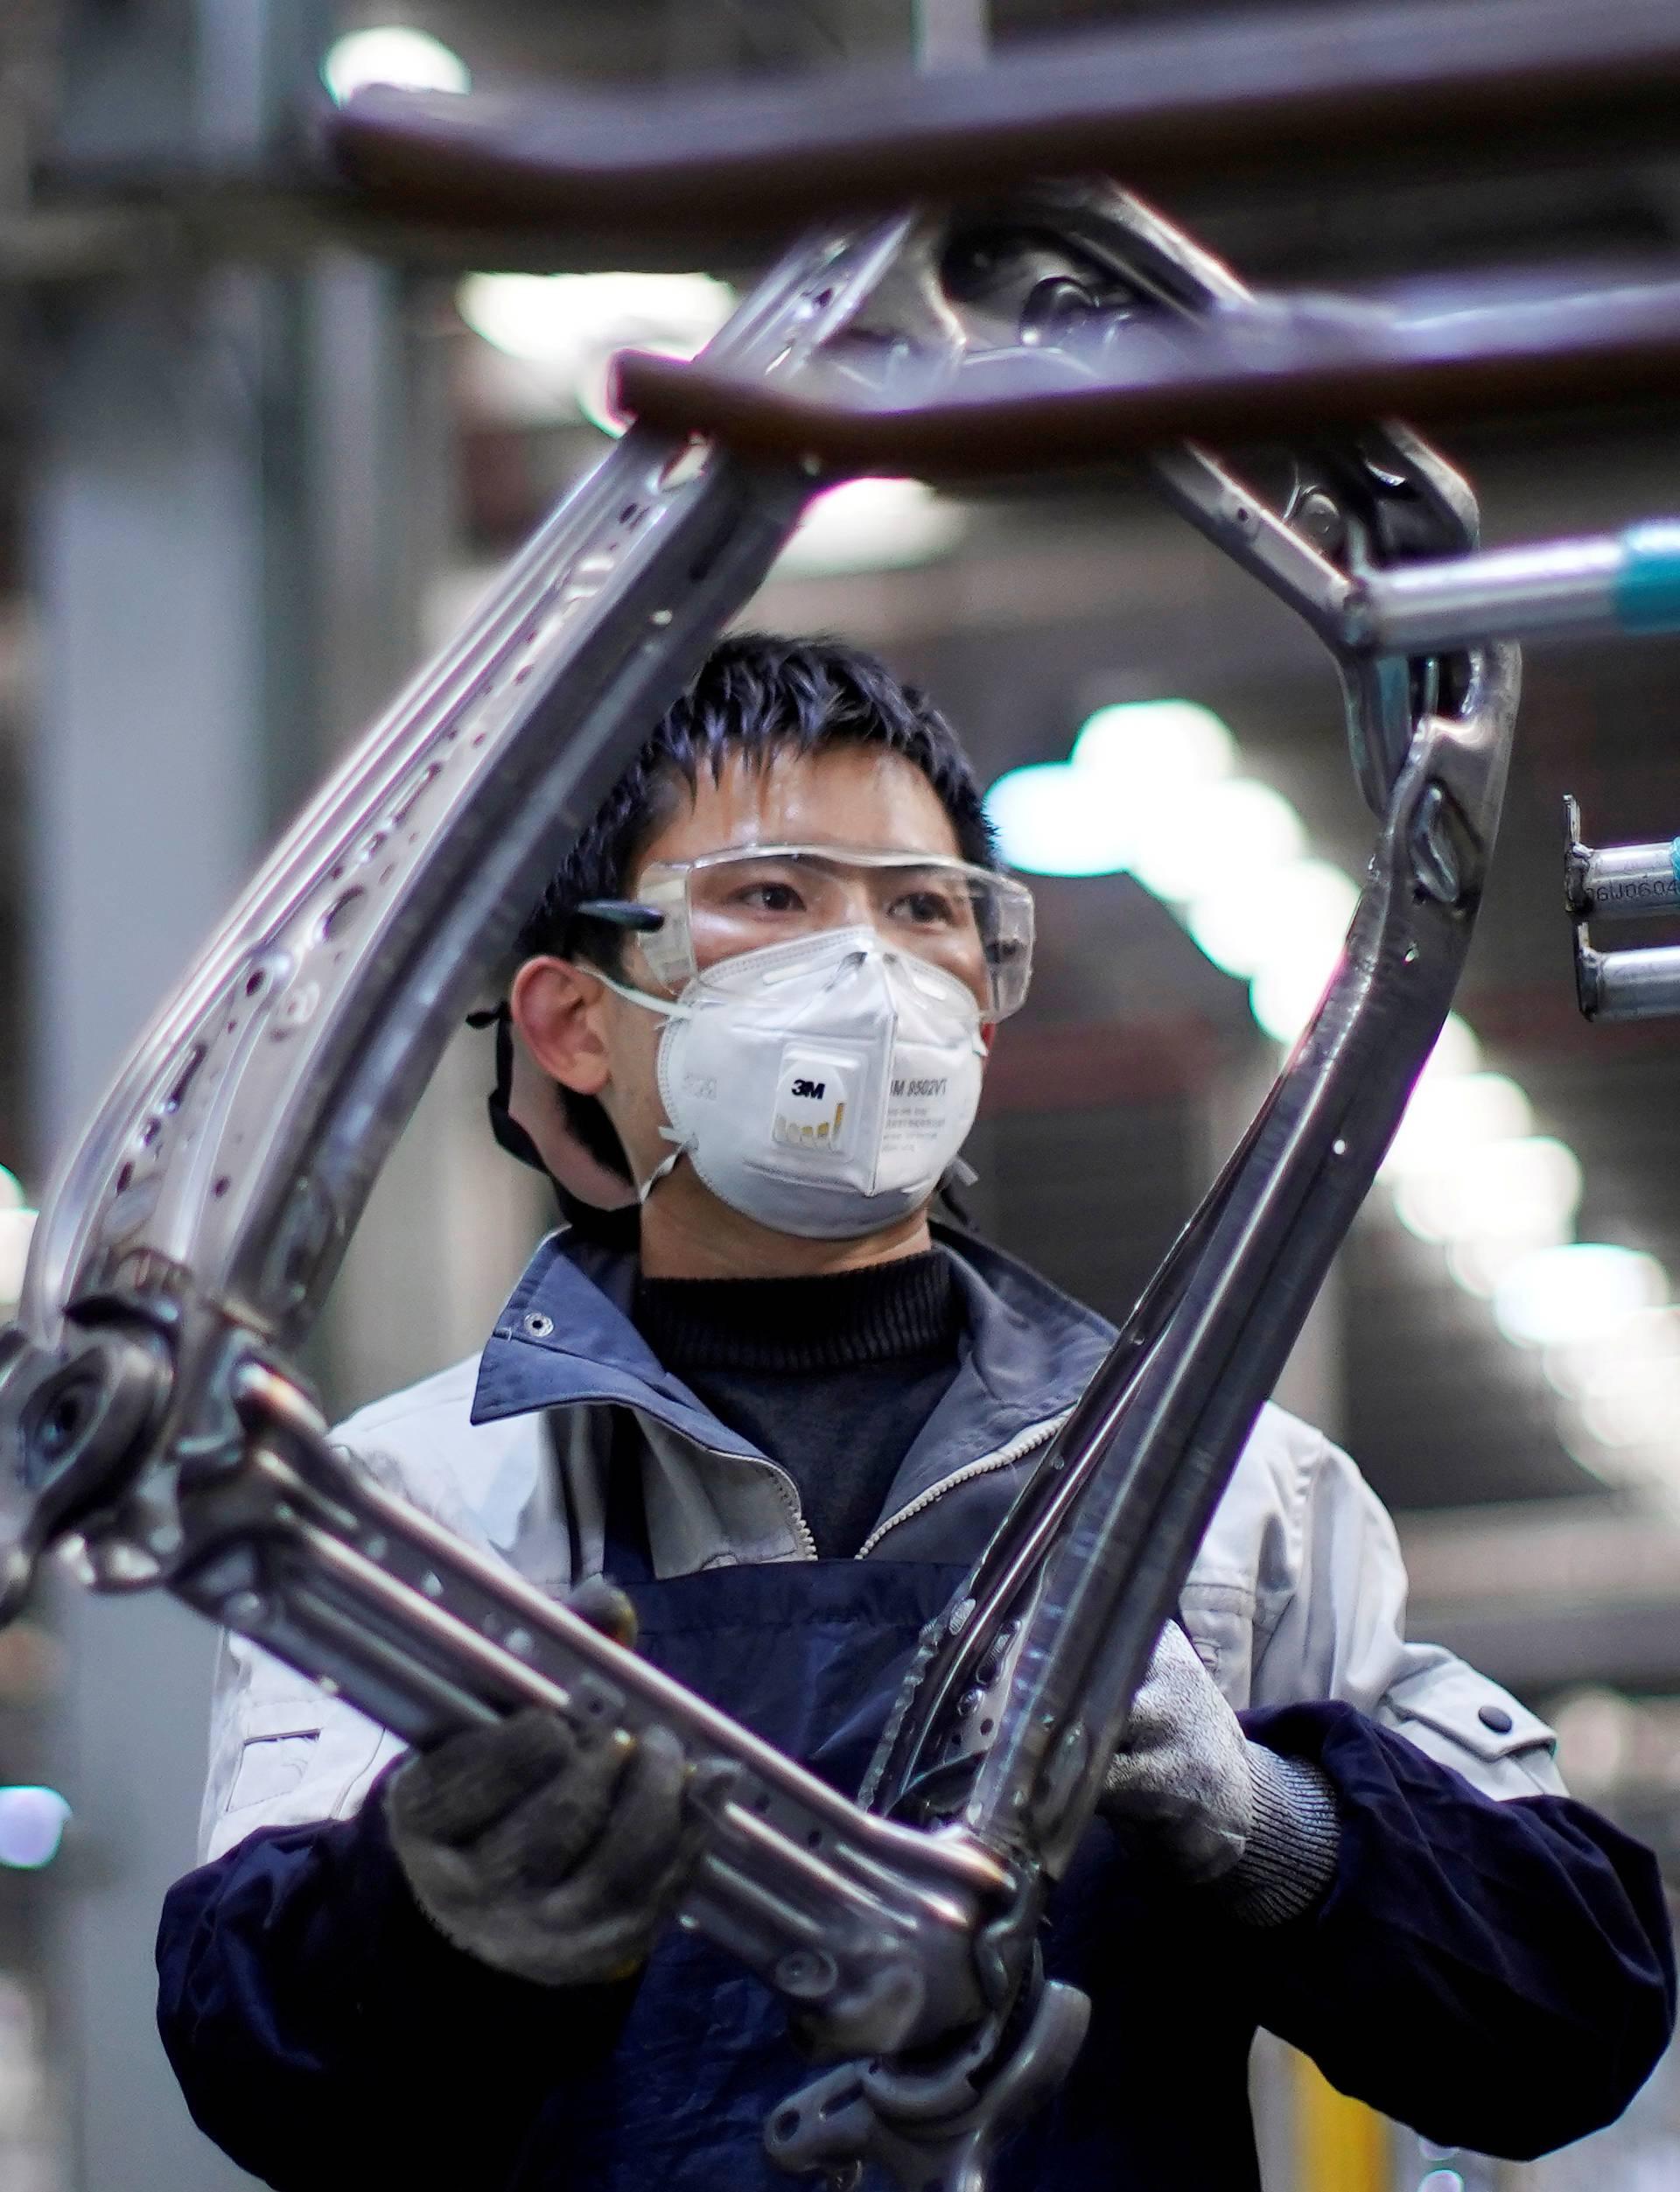 I autoindustrija pomaže te proizvodi maske, respiratore...